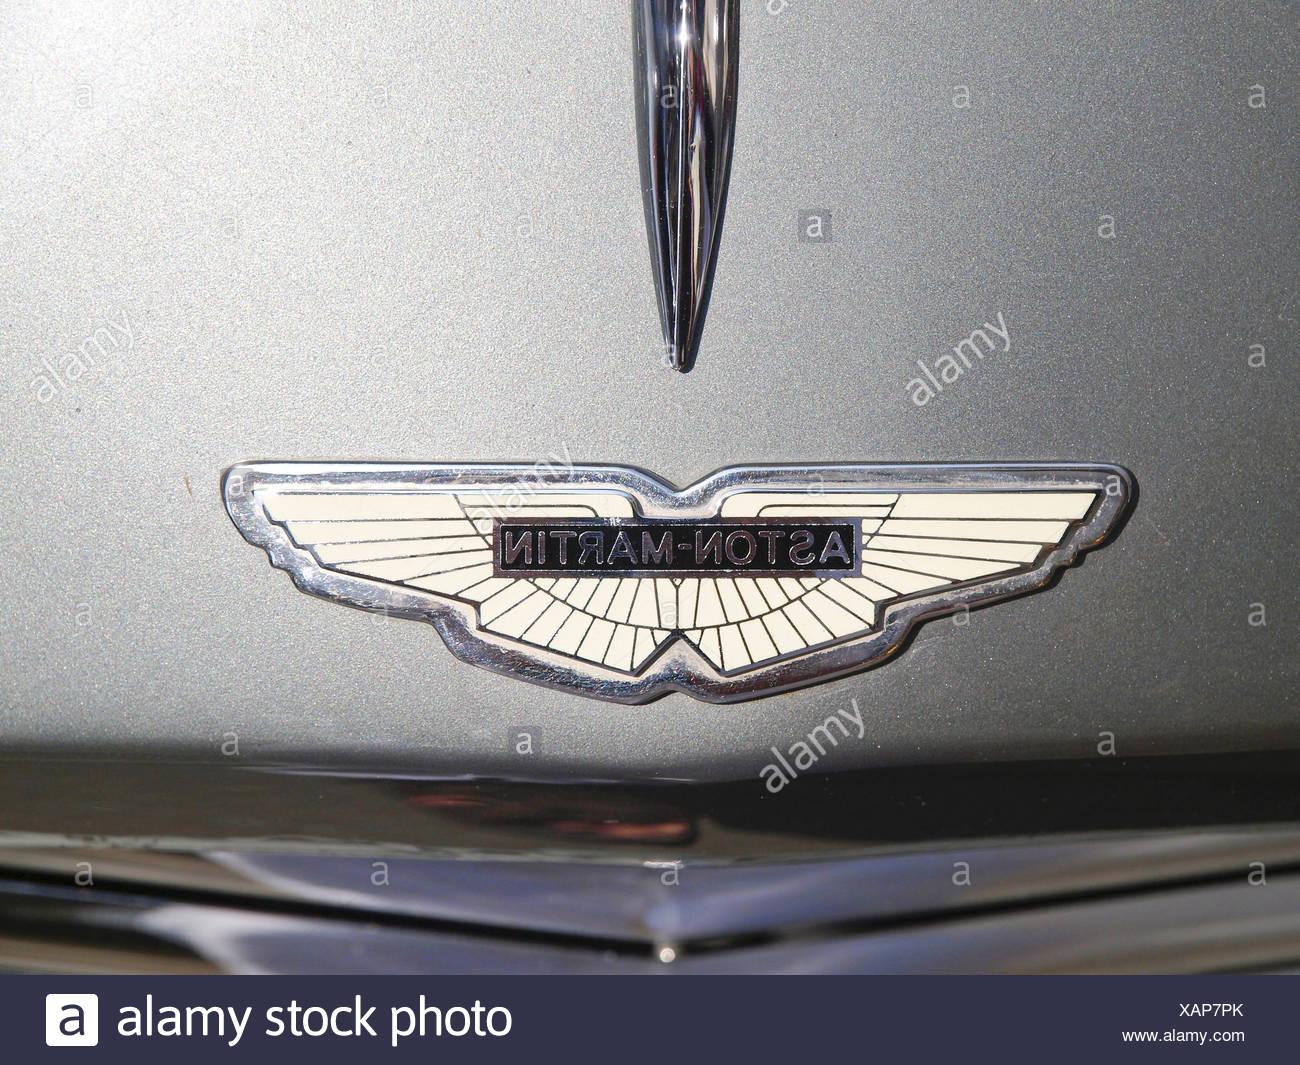 Aston Martin, Italien, Lombardia, Brescia Stockbild